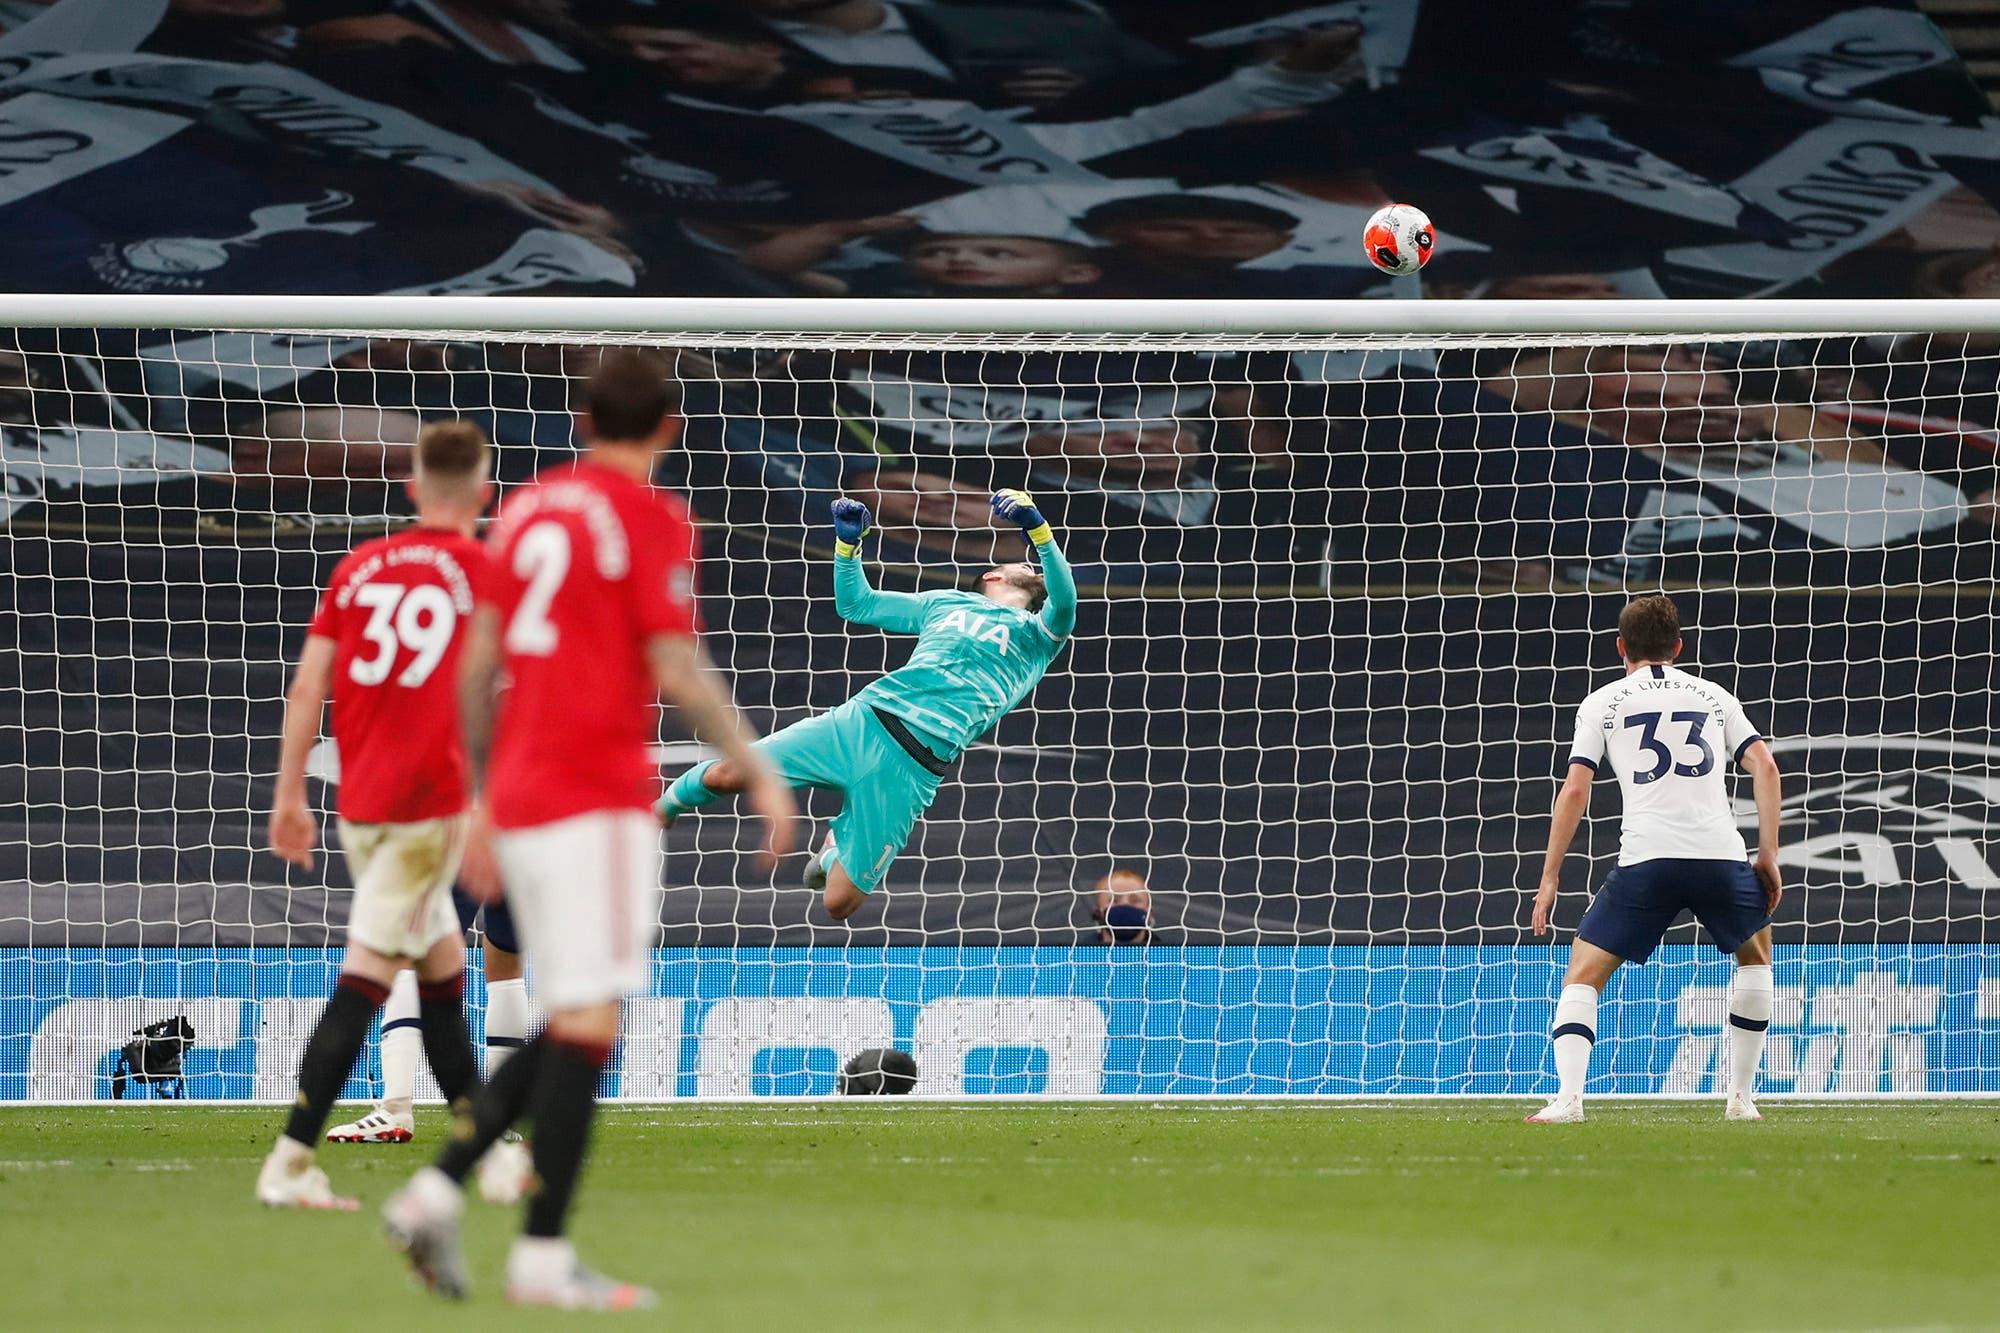 Tottenham-Manchester United, por la Premier League: una increíble atajada de Lloris y el enojo de Mourinho con el árbitro, las perlitas del empate